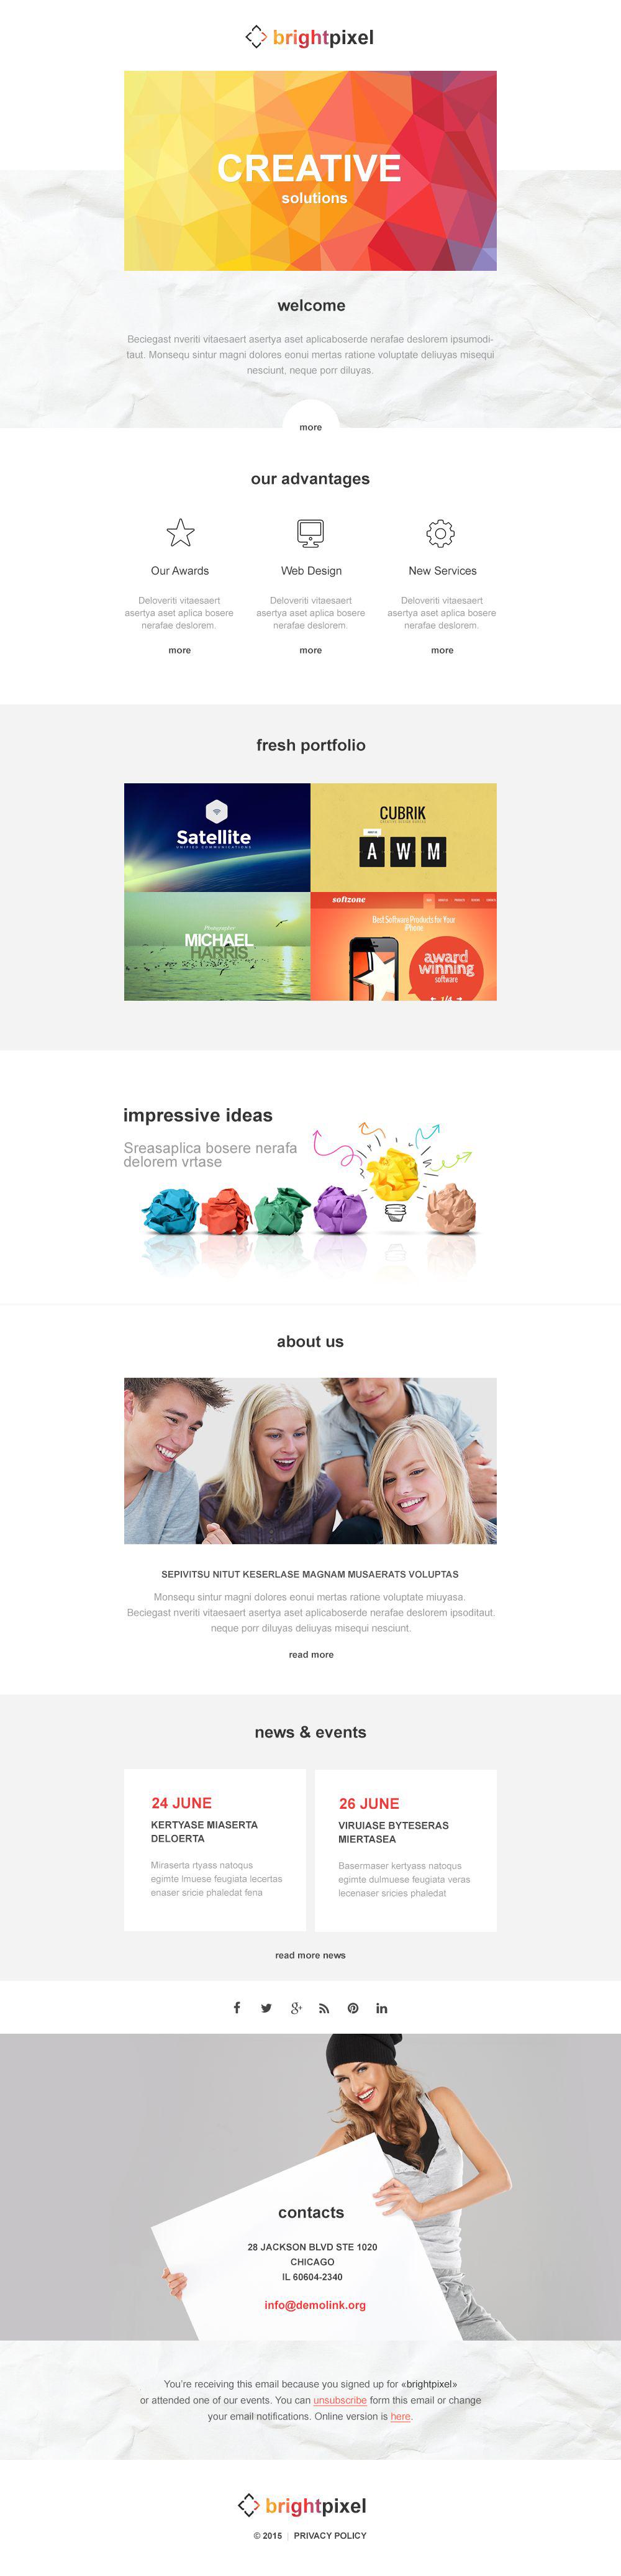 Template de Newsletter Flexível para Sites de Estúdio de Design №54862 - captura de tela